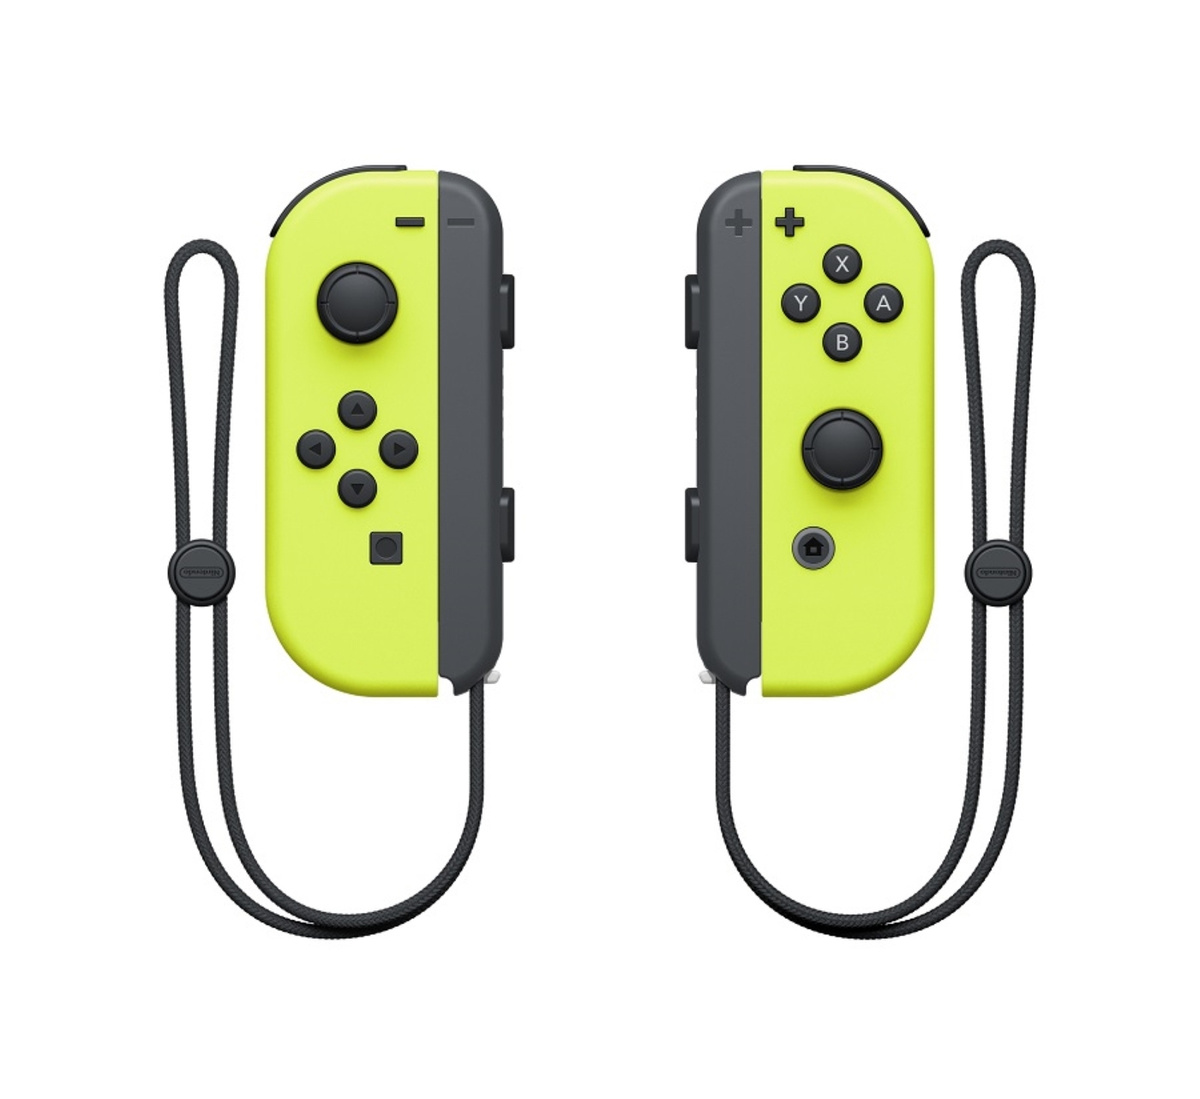 Геймпад для Nintendo Switc 2 контроллера Joy-Con (Неоновый Желтый)  #1